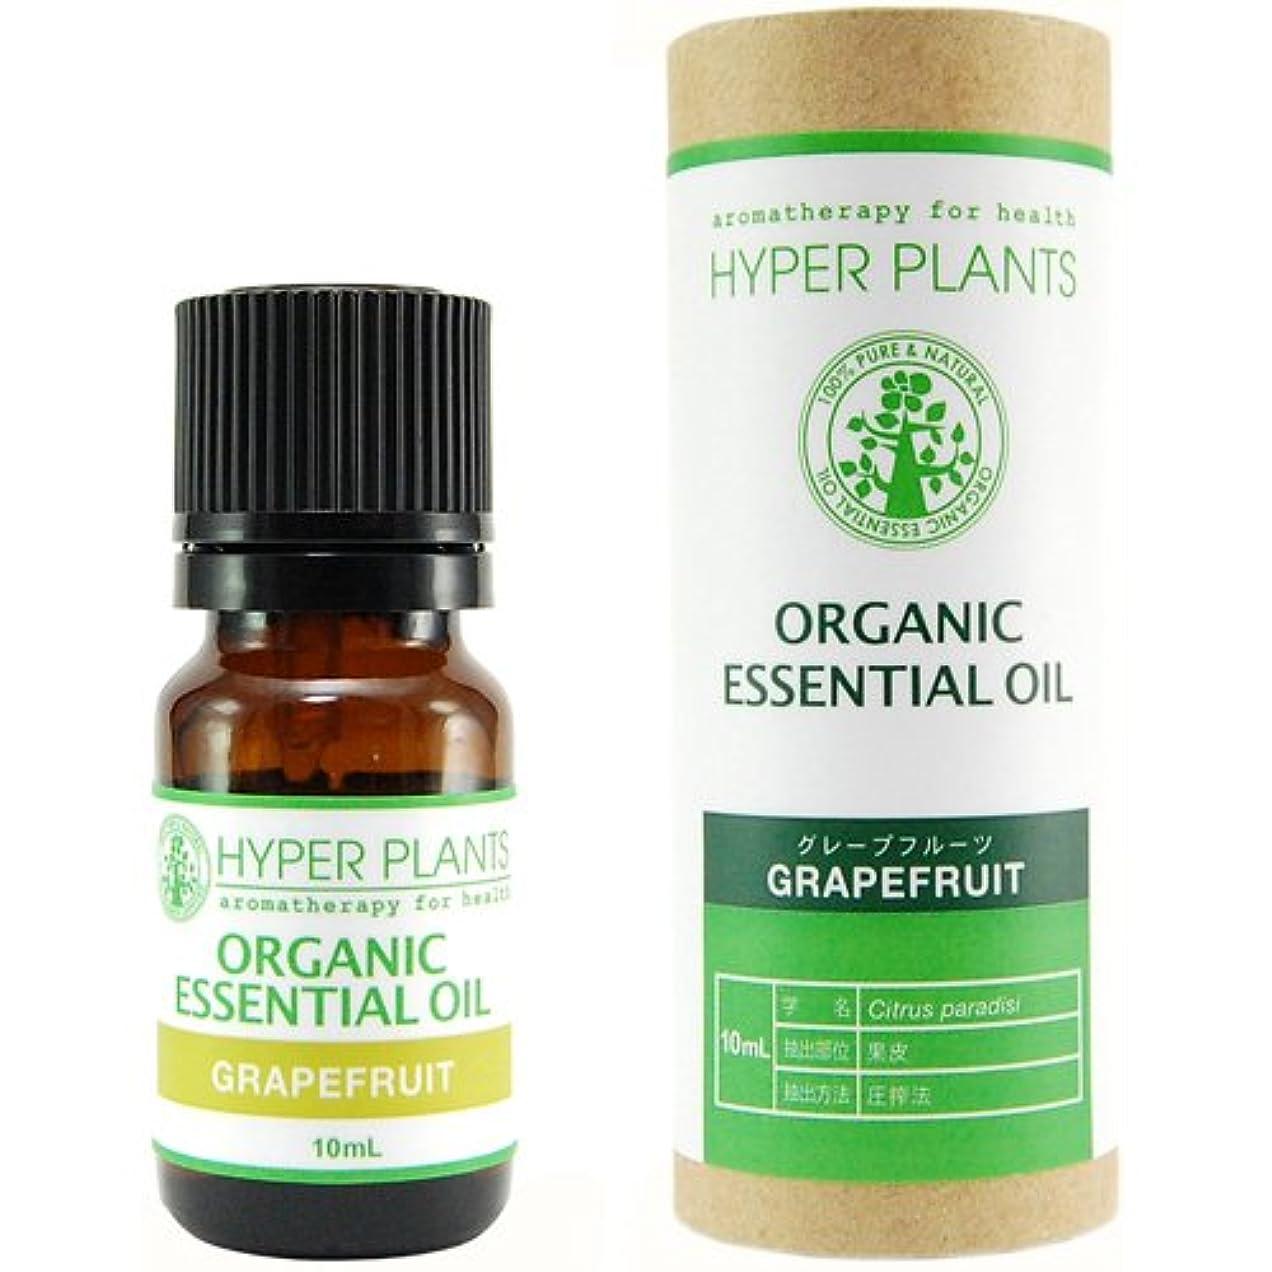 拍車形大佐HYPER PLANTS ハイパープランツ オーガニックエッセンシャルオイル グレープフルーツ 10ml HE0210